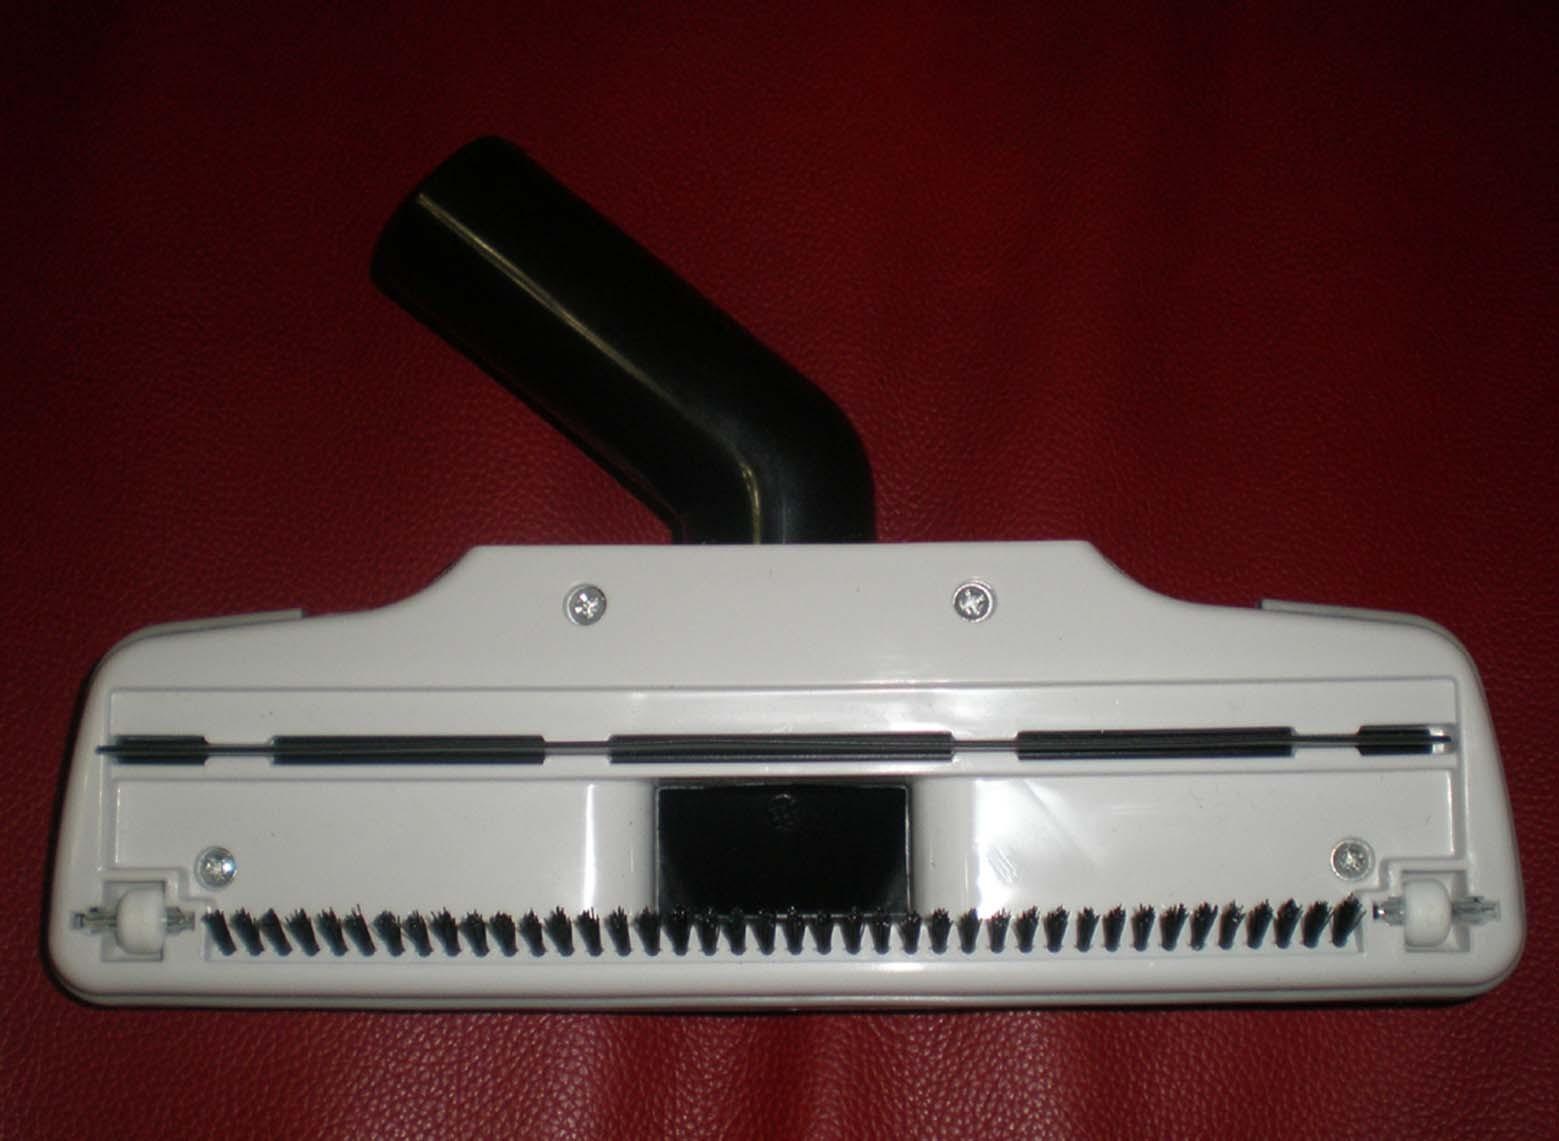 Аксессуары для пылесоса Panasonic 31mm аксессуары для телевизоров panasonic ty 42tm6g